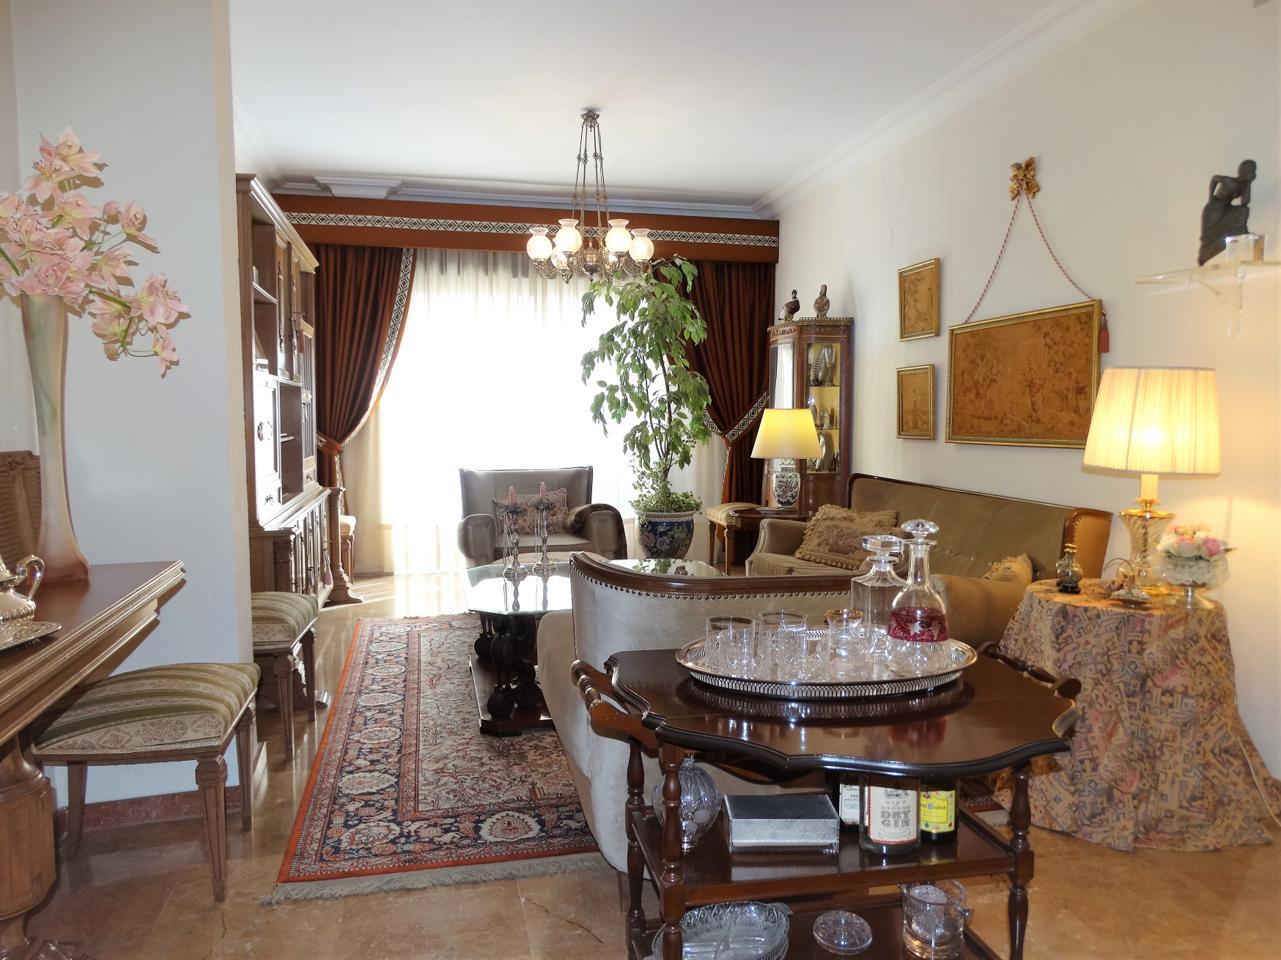 Amplia vivienda en el corazón de Huelva